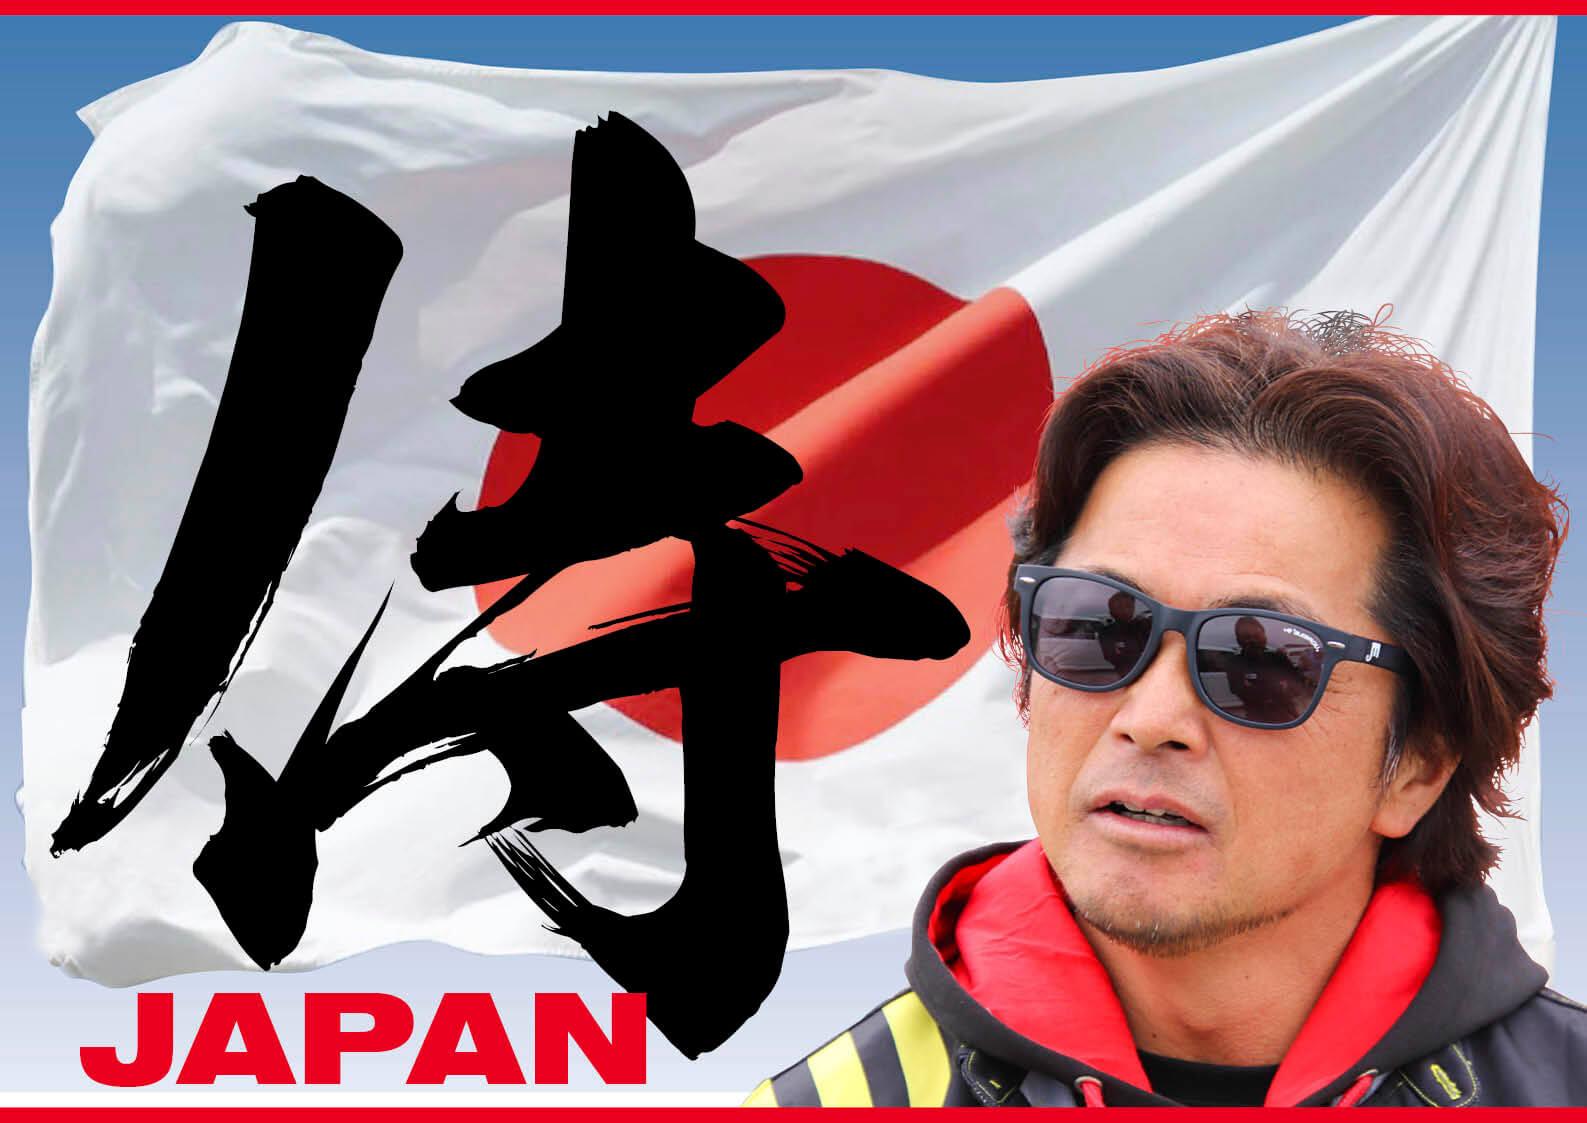 72歳のジェット乗り ジェットスキーと出会った伊藤尚美さんの人生 インタビュー ジェットスキー(水上バイク)